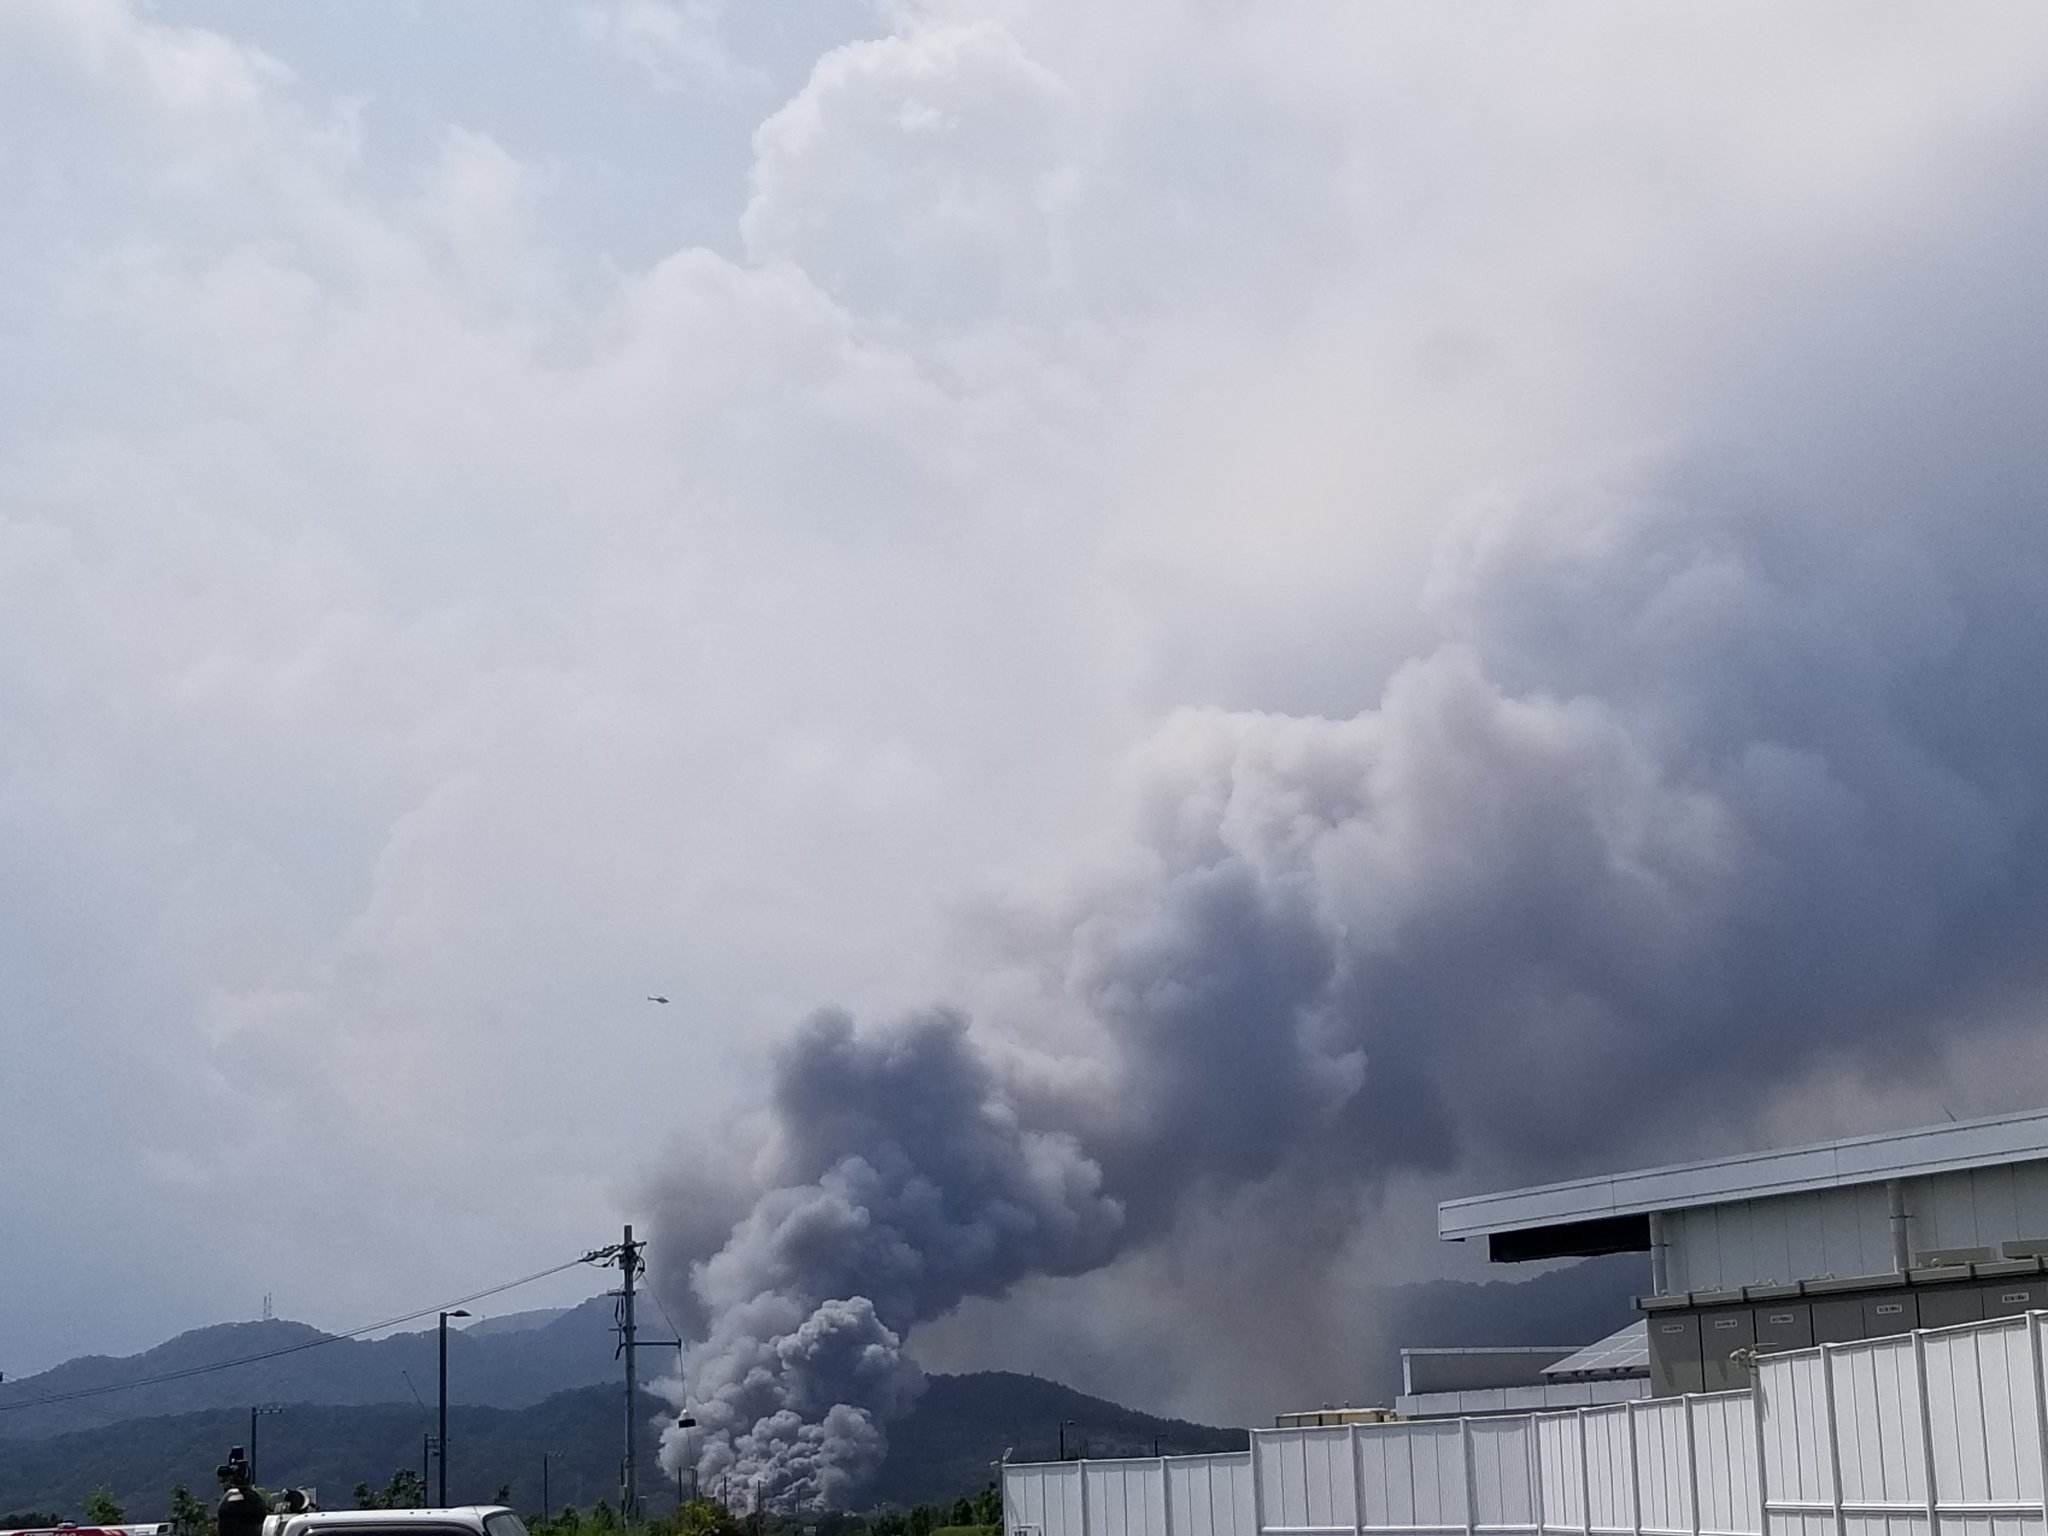 浜松市北区都田町で火事が起きている現場の画像